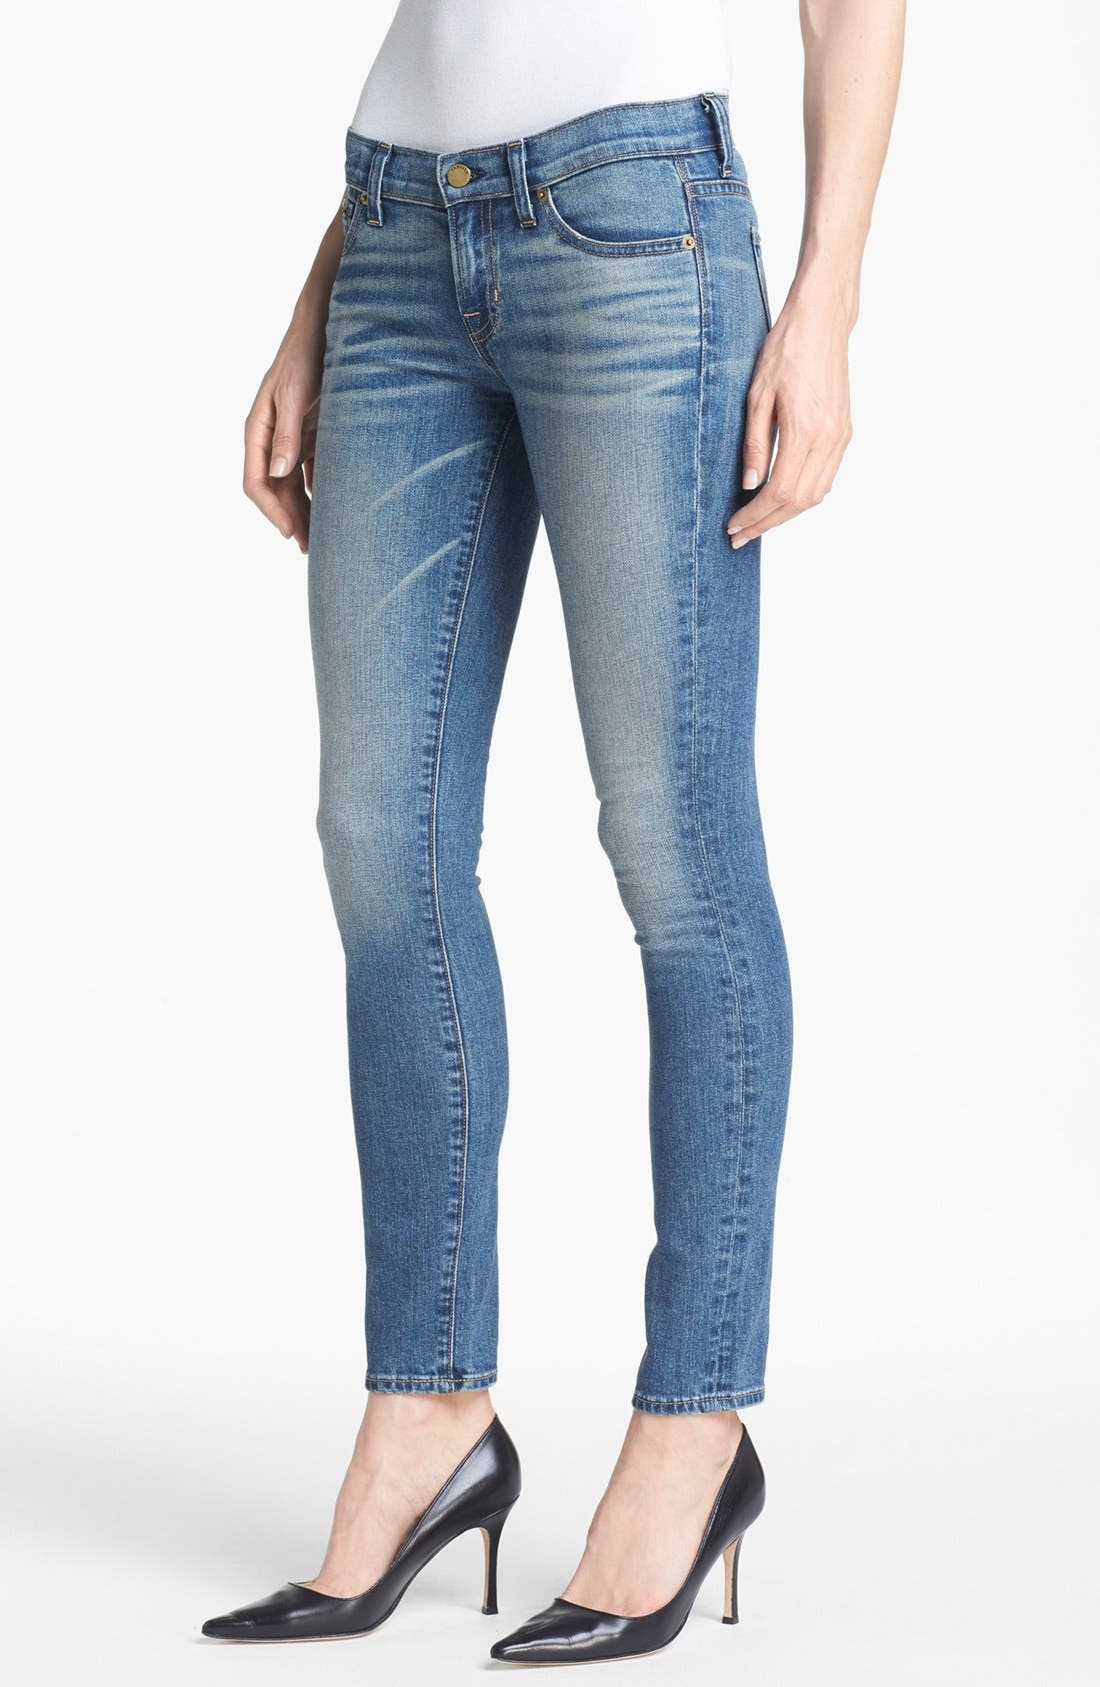 Alternate Image 1 Selected - TEXTILE Elizabeth and James 'Debbie' Skinny Jeans